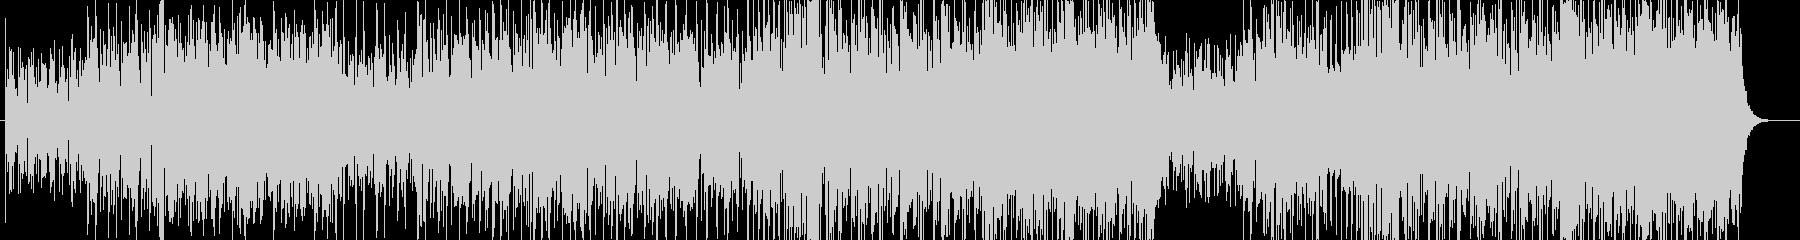 ワークアウト・モチベ/ミクスチャーEDMの未再生の波形